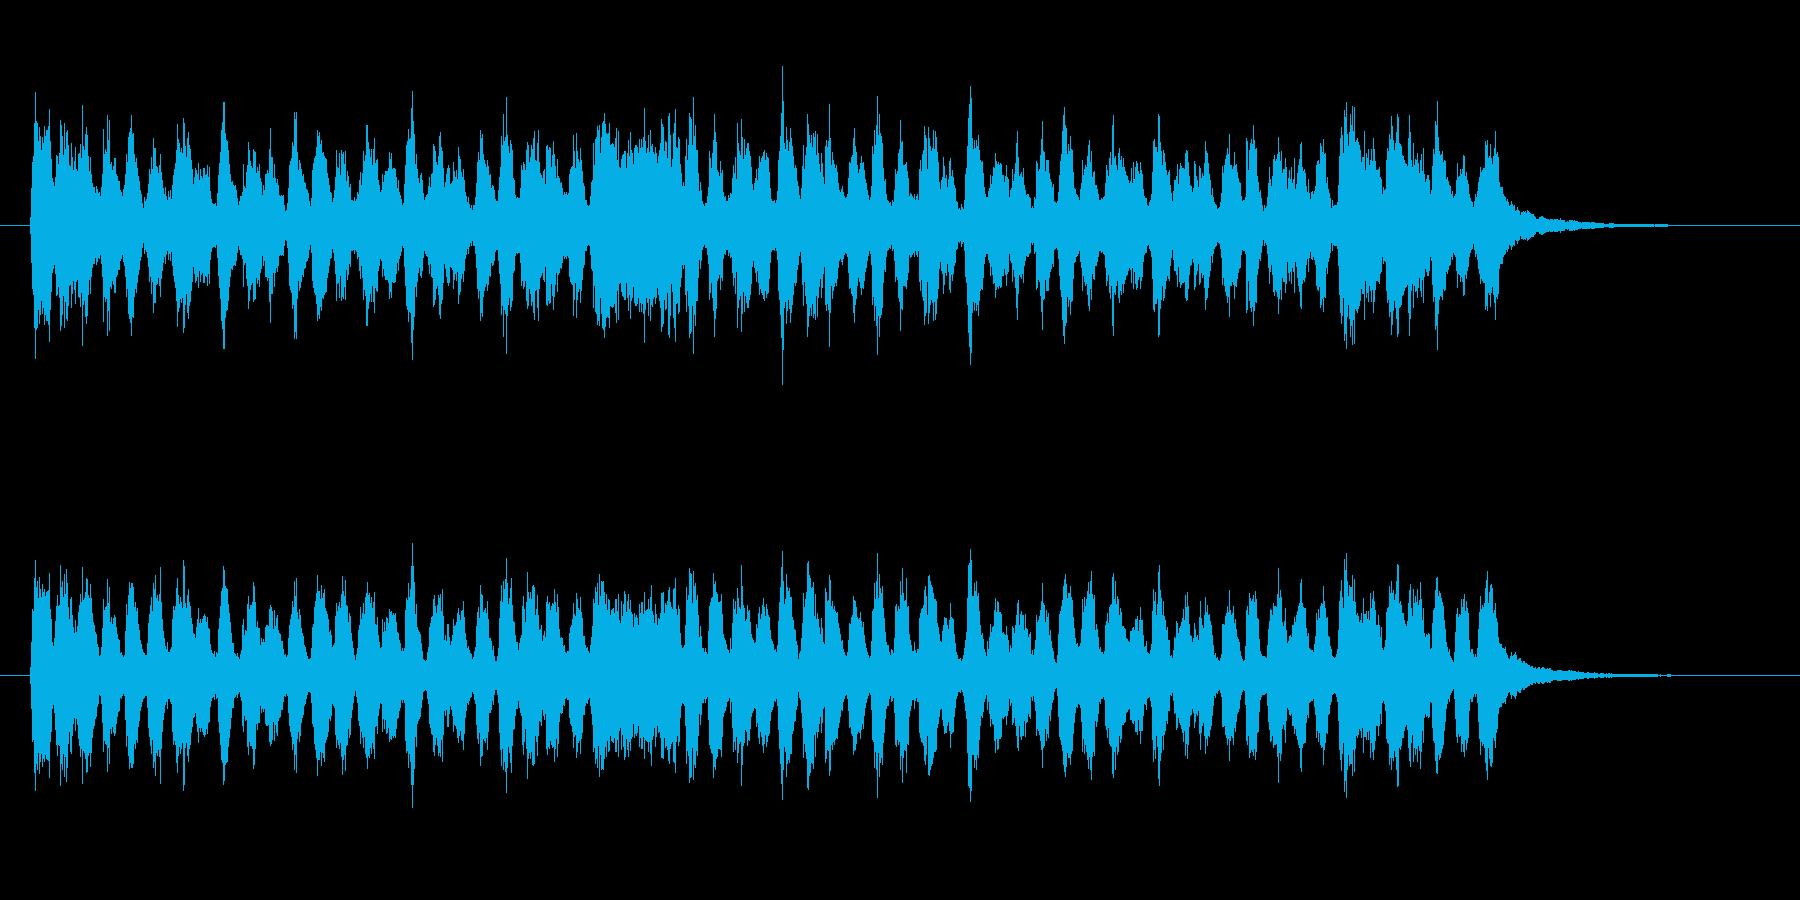 軽やかなクラシック感のシンセサウンドの再生済みの波形